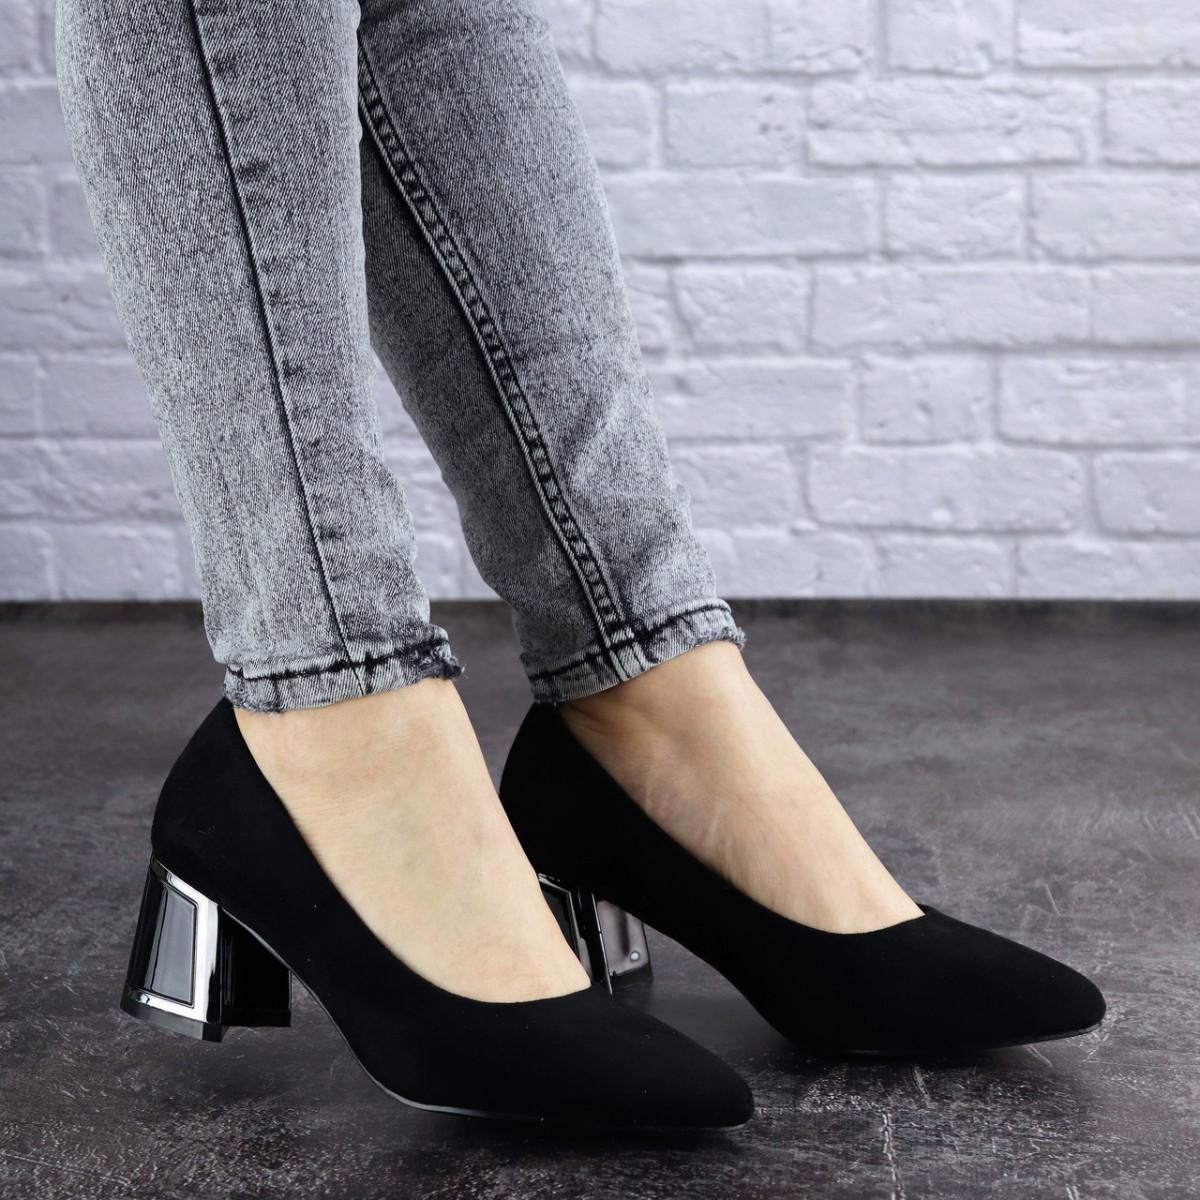 Женские туфли на каблуке черные Vinnie 2011 (36 размер)